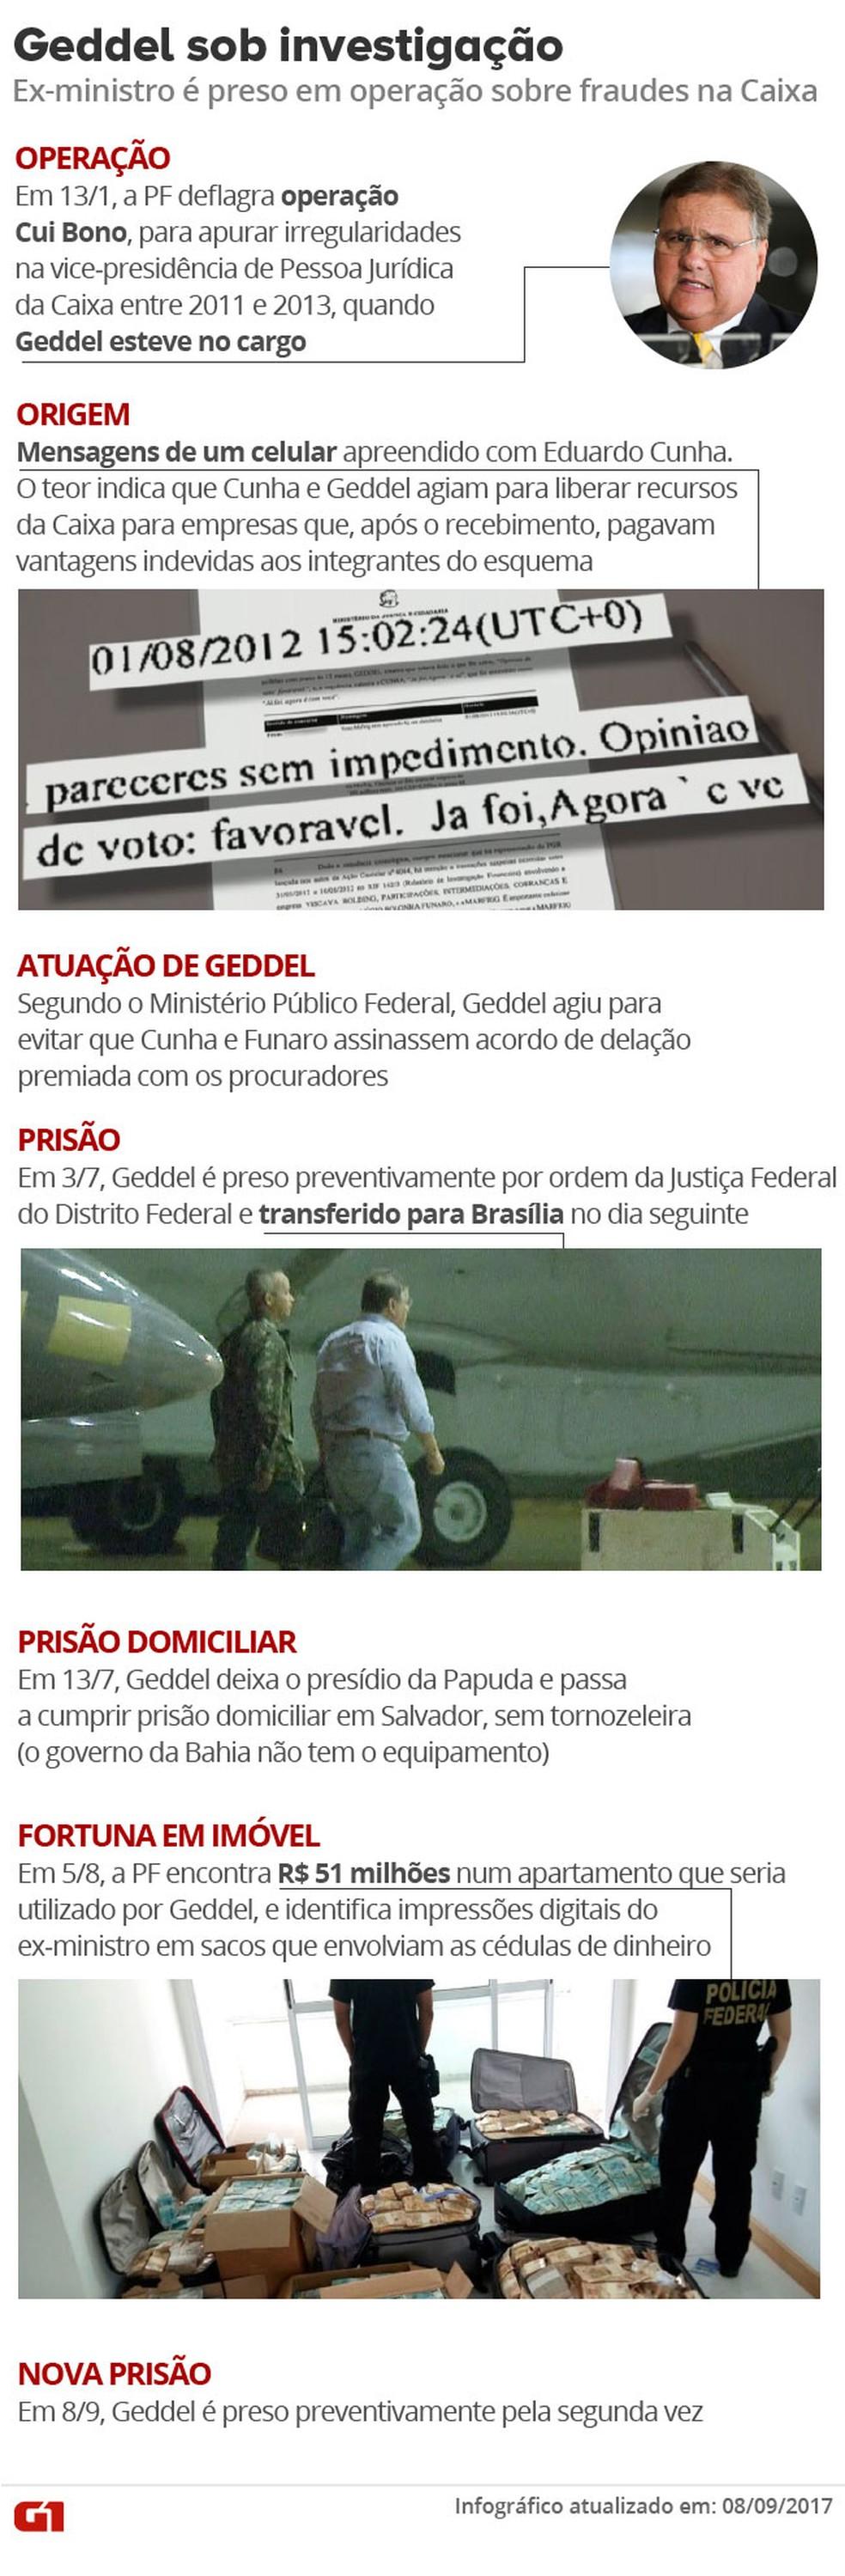 Geddel sob investigação - Operações Cui Bono e Tesouro Perdido (Foto: Arte/G1)